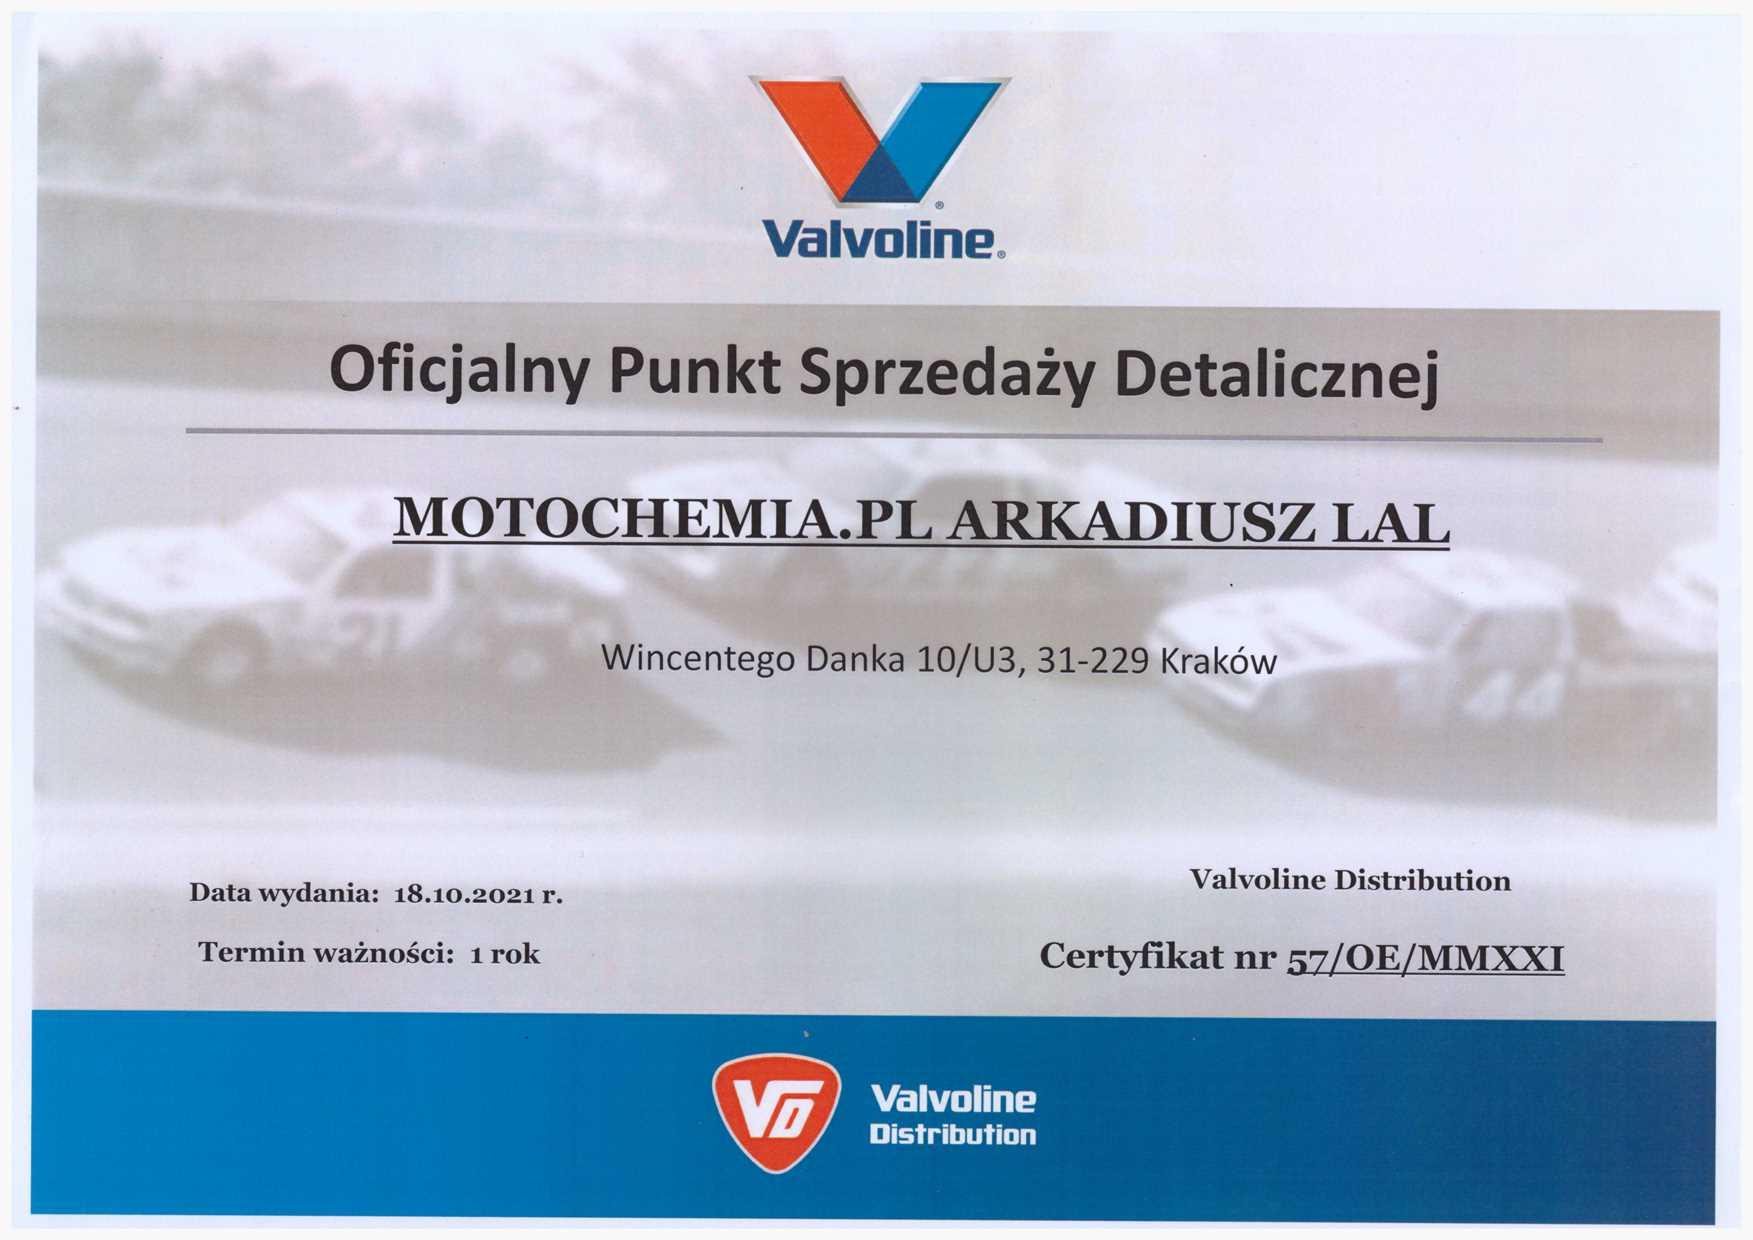 Certyfikat Oficjalnego Punktu Sprzedaży Olejów Valvoline - Motochemia